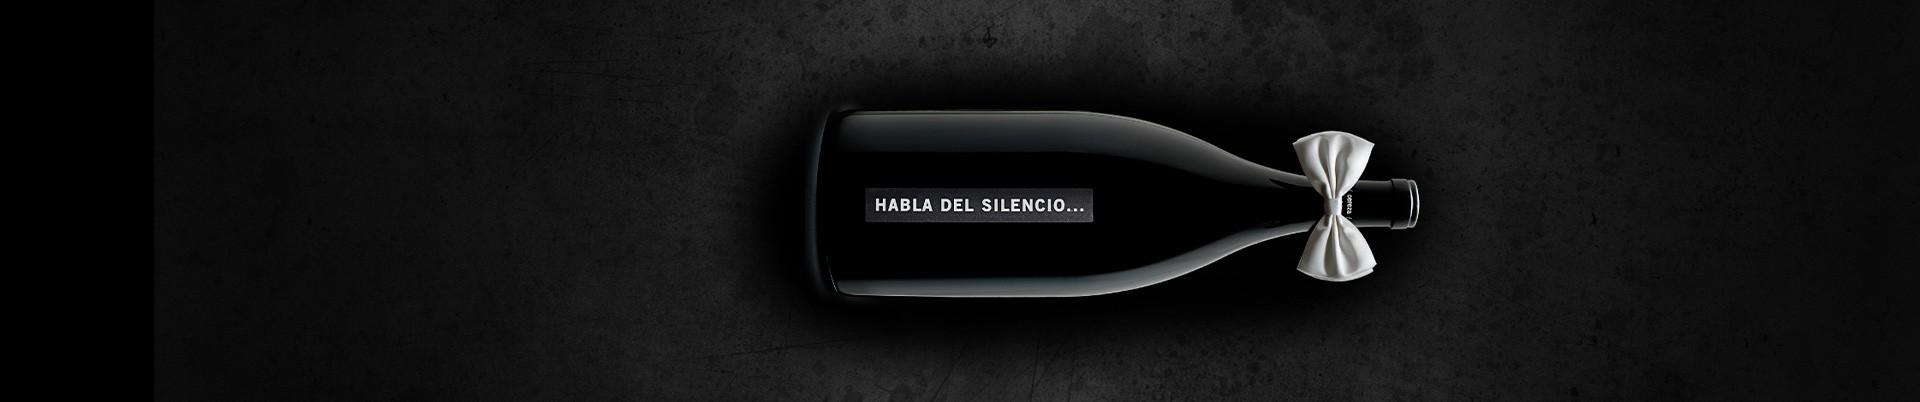 Vino y Más GmbH | WeinUndMehr Habla del silencio